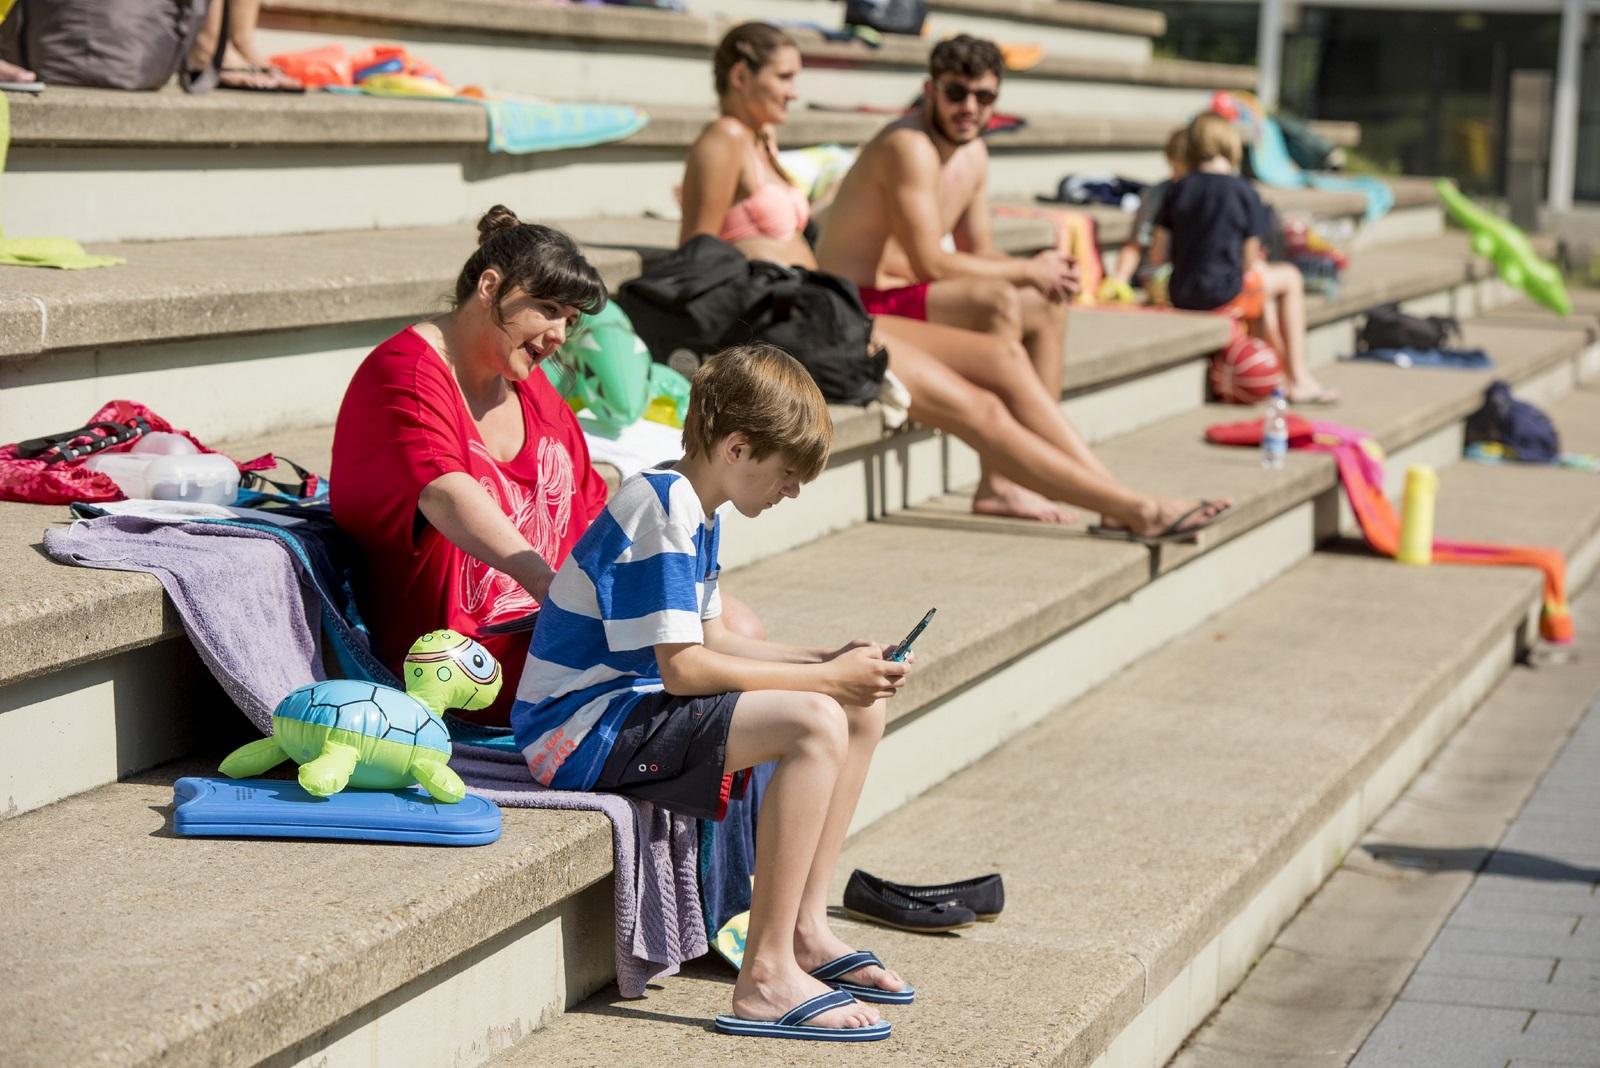 Jungs im schwimmbad kennenlernen Ηγετης χωρις τιτλο